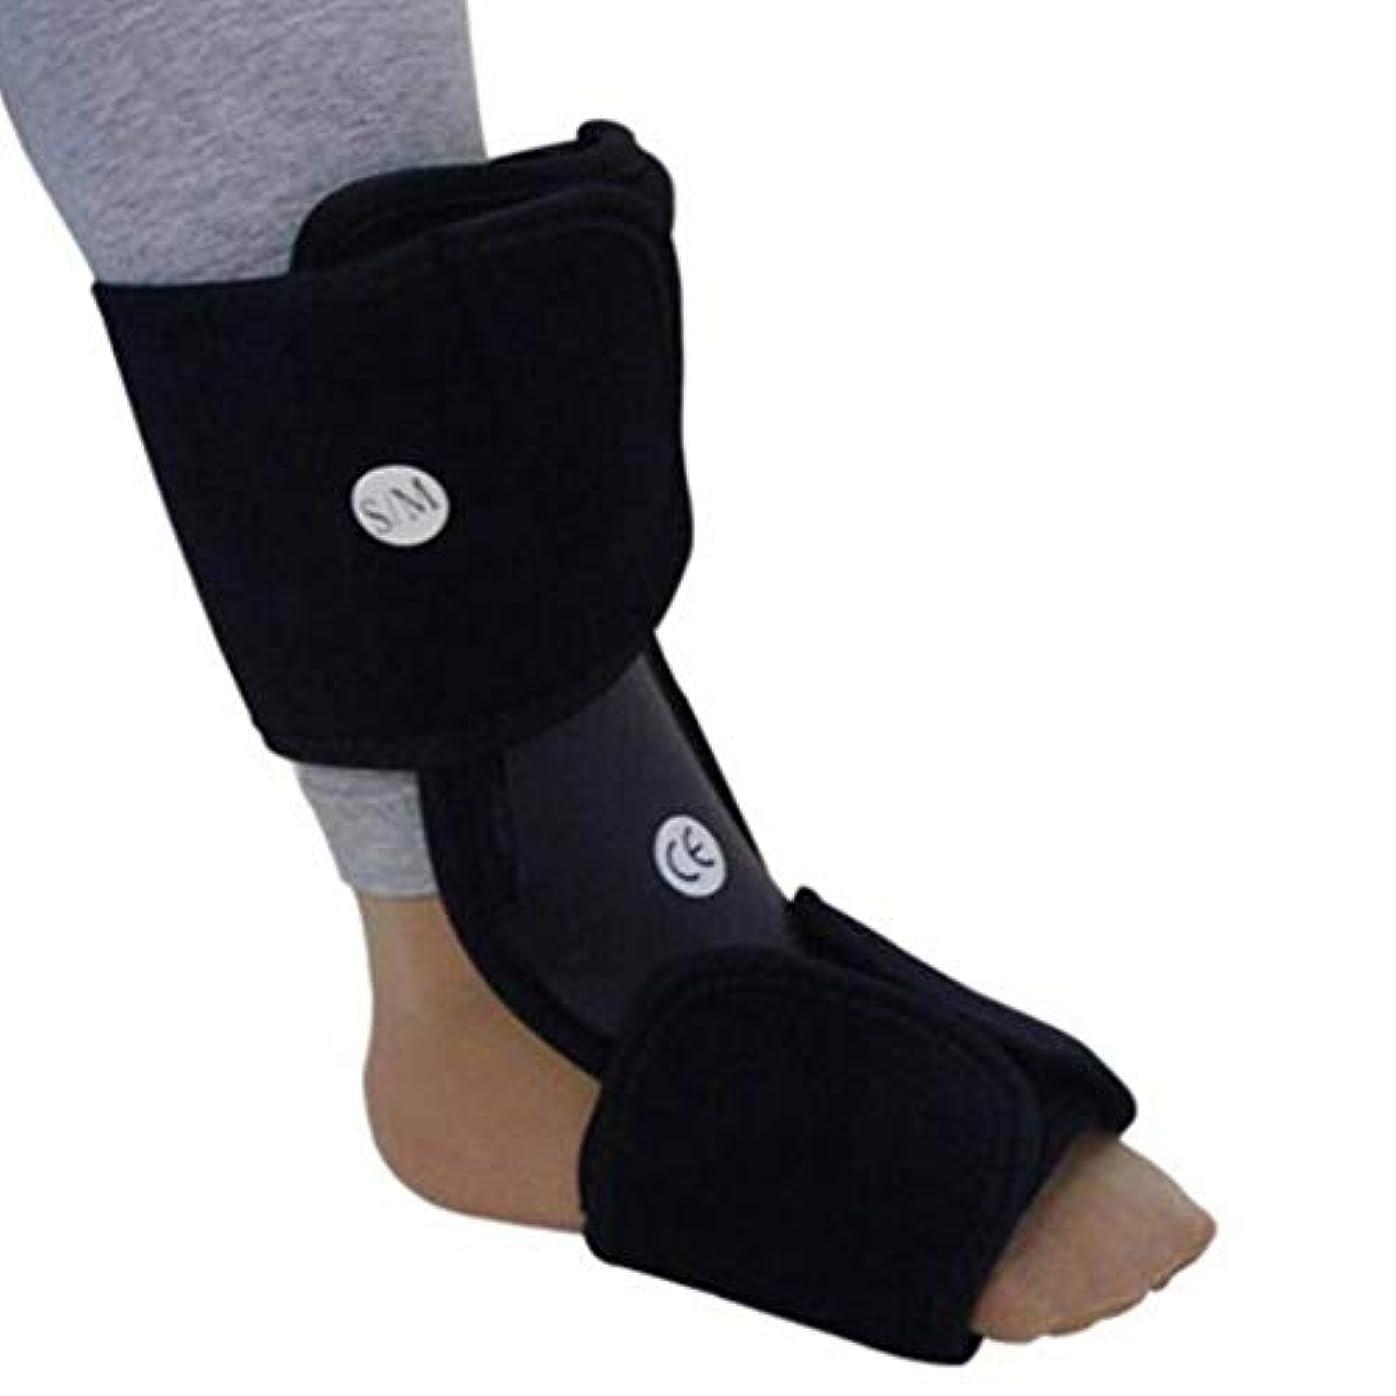 発明レッスンアプト足首レッグストラップサポート足装具補正足底スプリント固定プロテクター足首の痛みを軽減し、捻rainを復元 (Size : S)